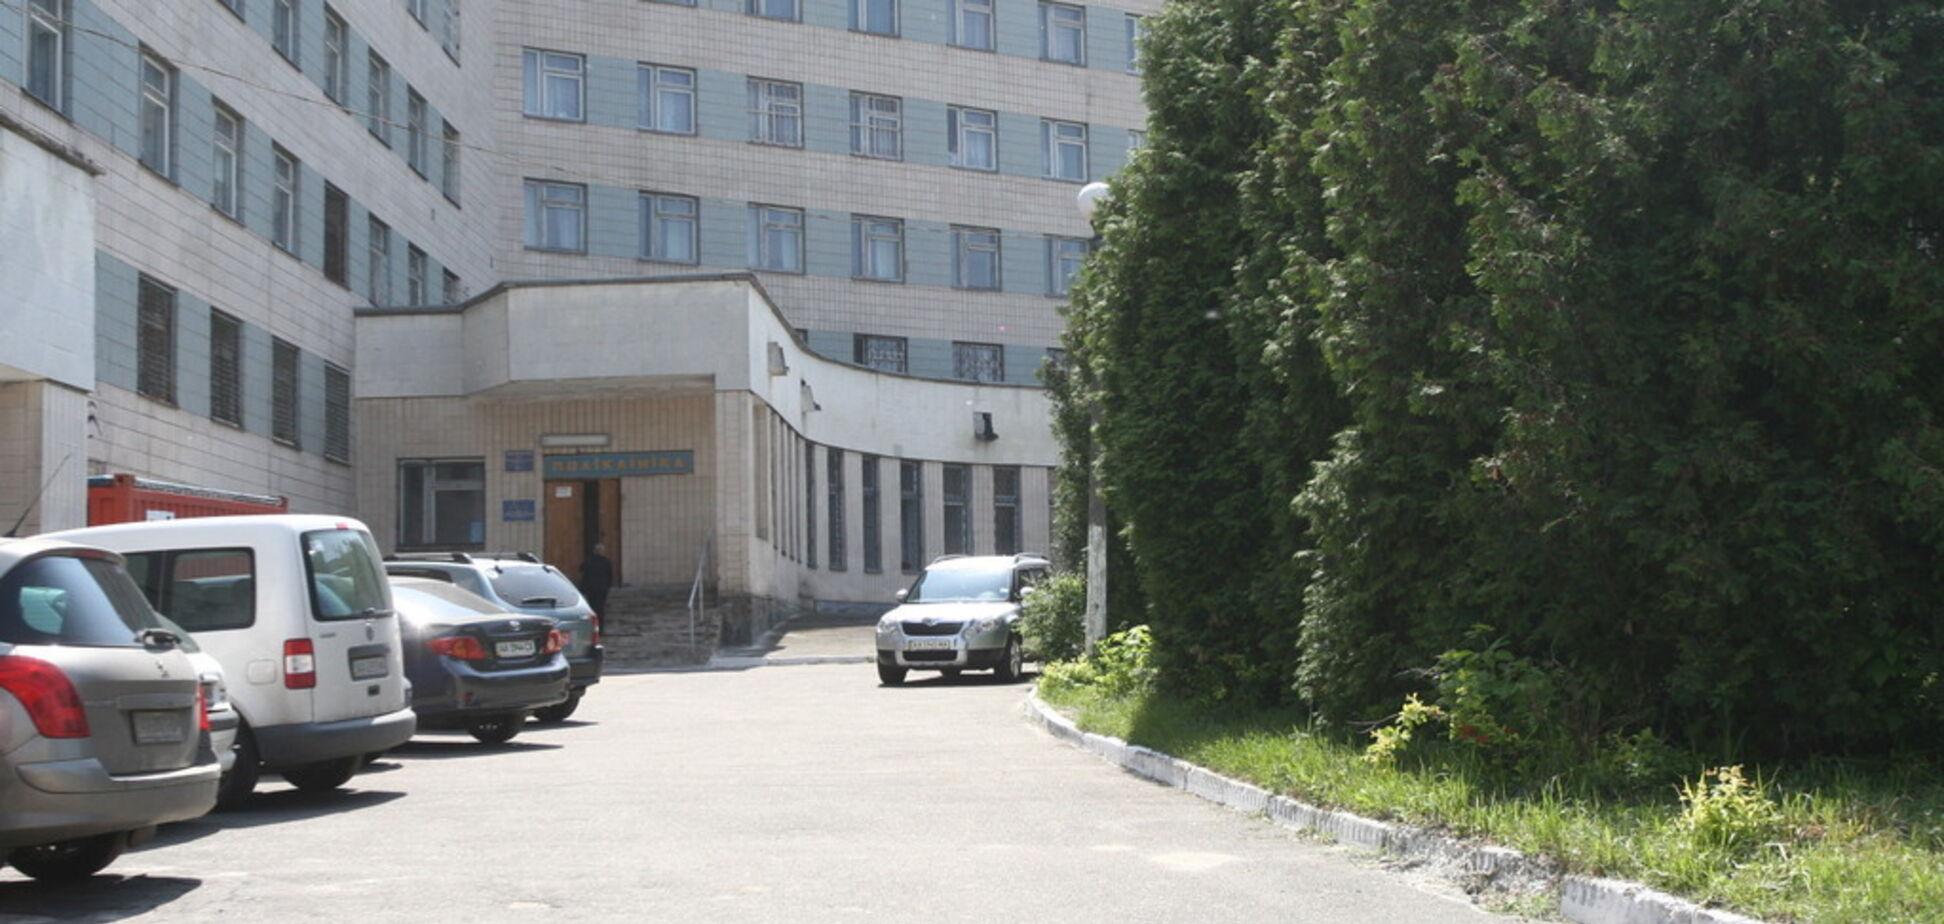 В Киеве из окна психиатрической клиники выпрыгнули три подростка